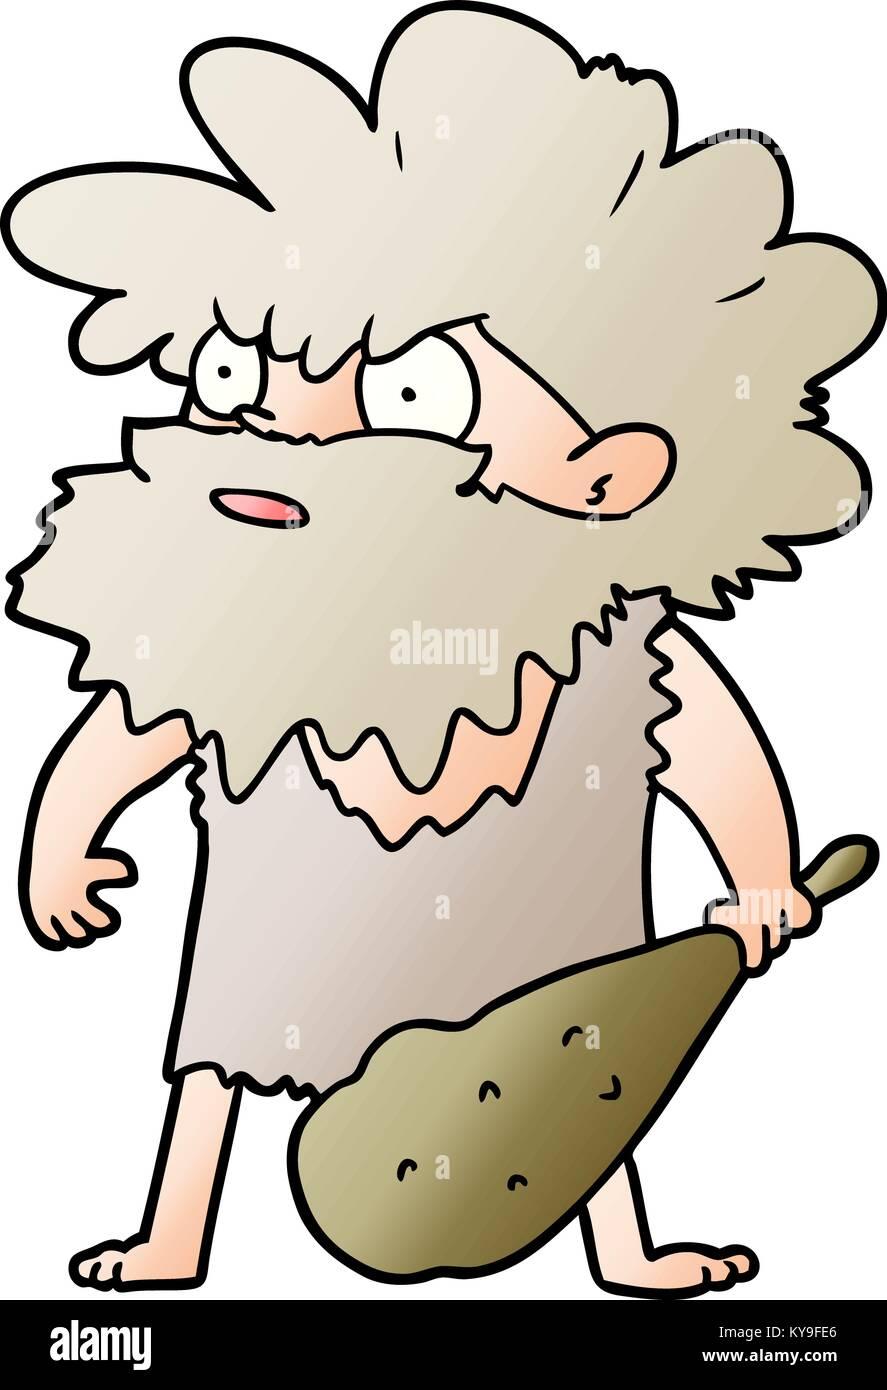 Hombre De Las Cavernas De Dibujos Animados Ilustración Del